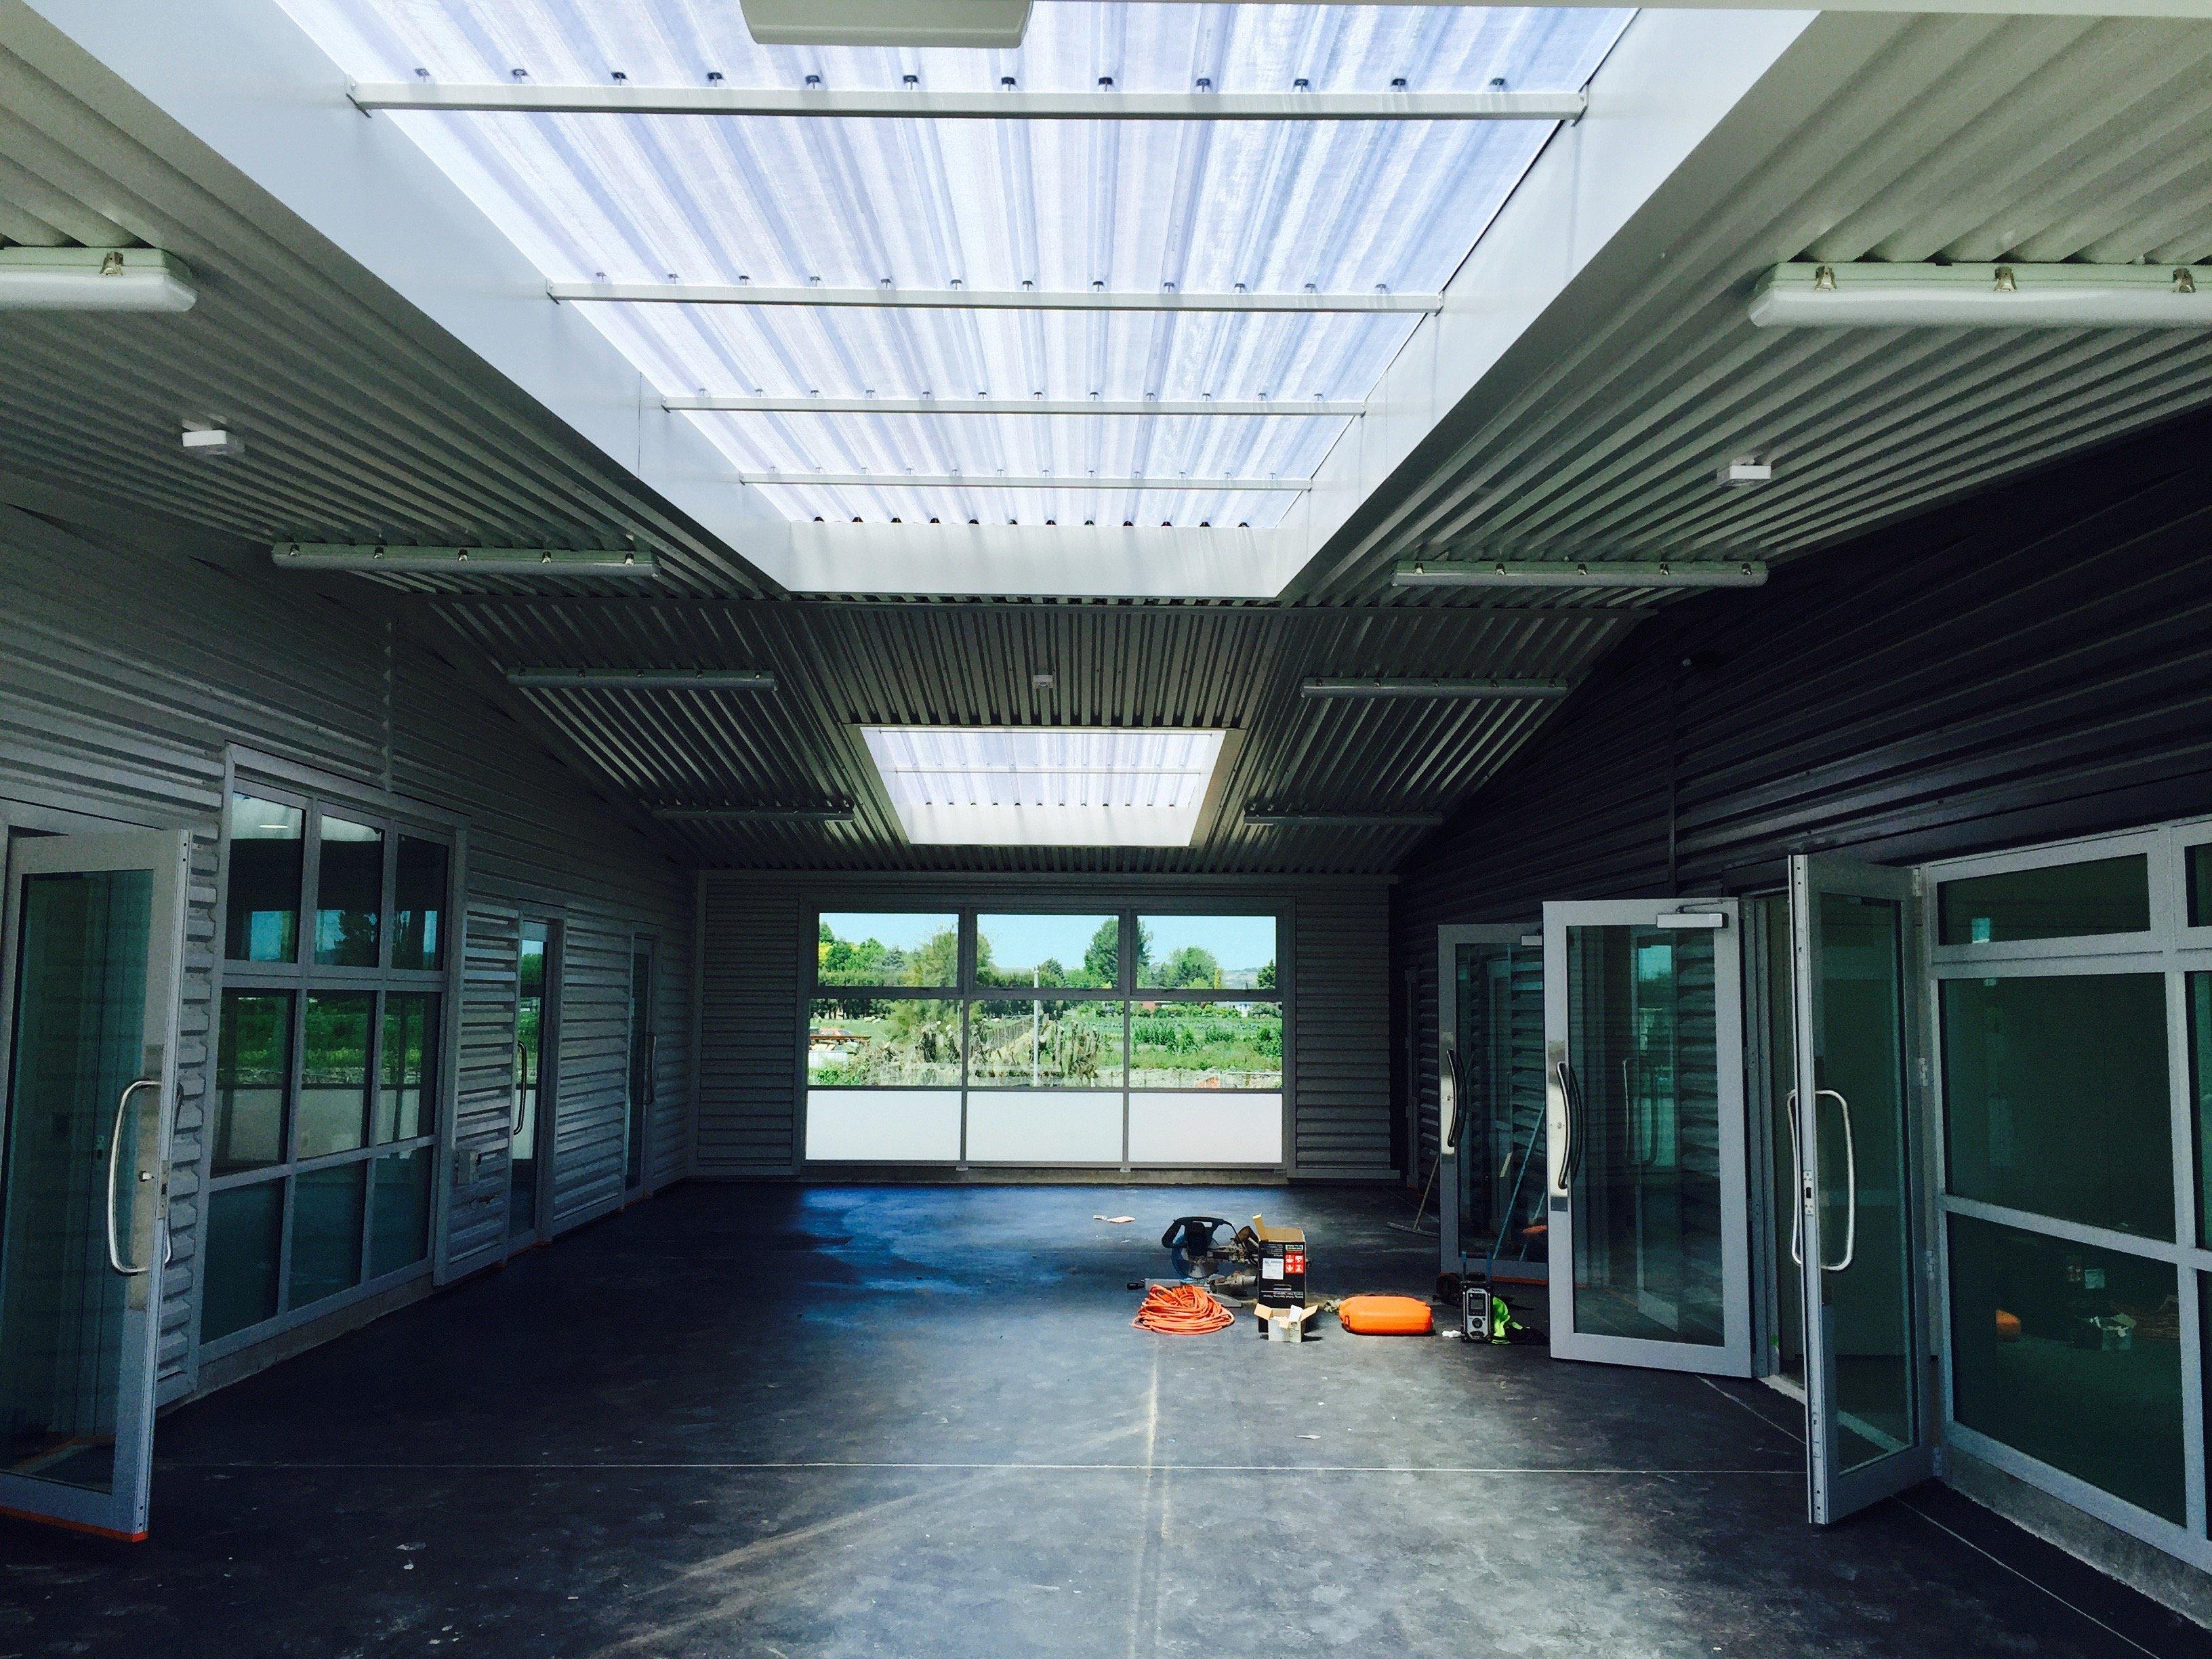 Roof Tiler